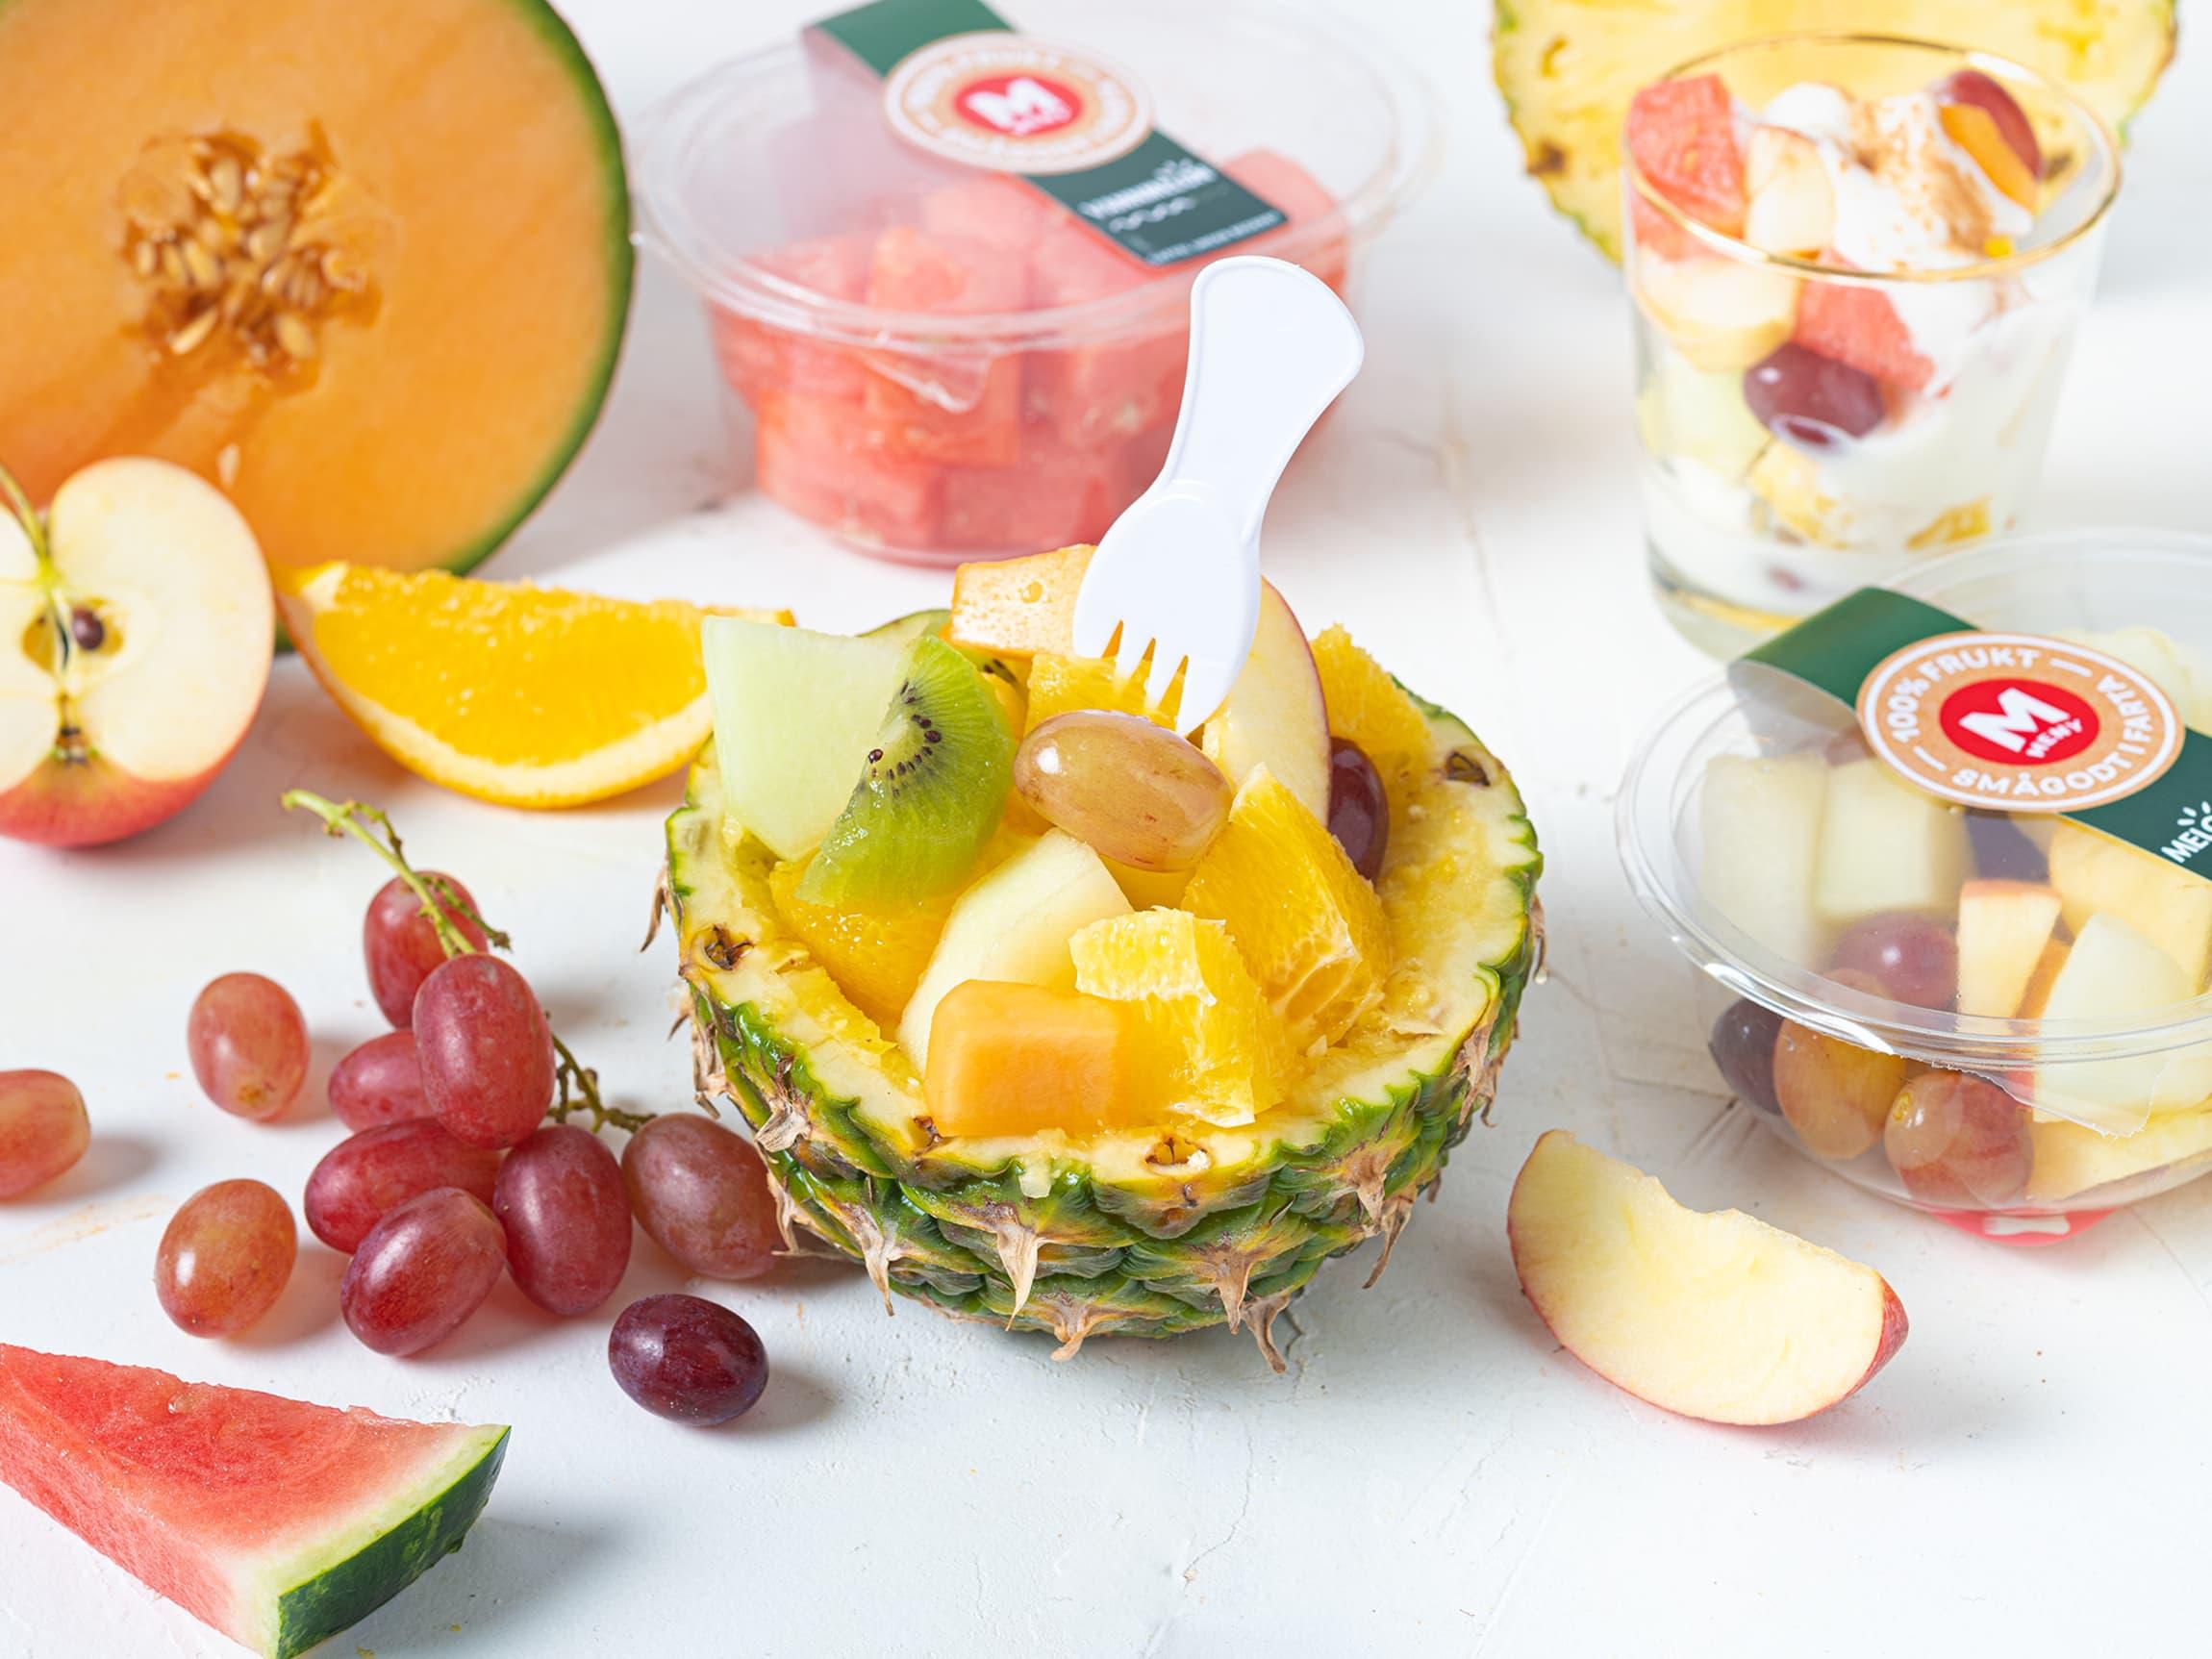 Ferdigkuttet frukt er enkelt å ha med seg. Nå kan du nyte fersk, saftig og fristende frukt hvor som helst!